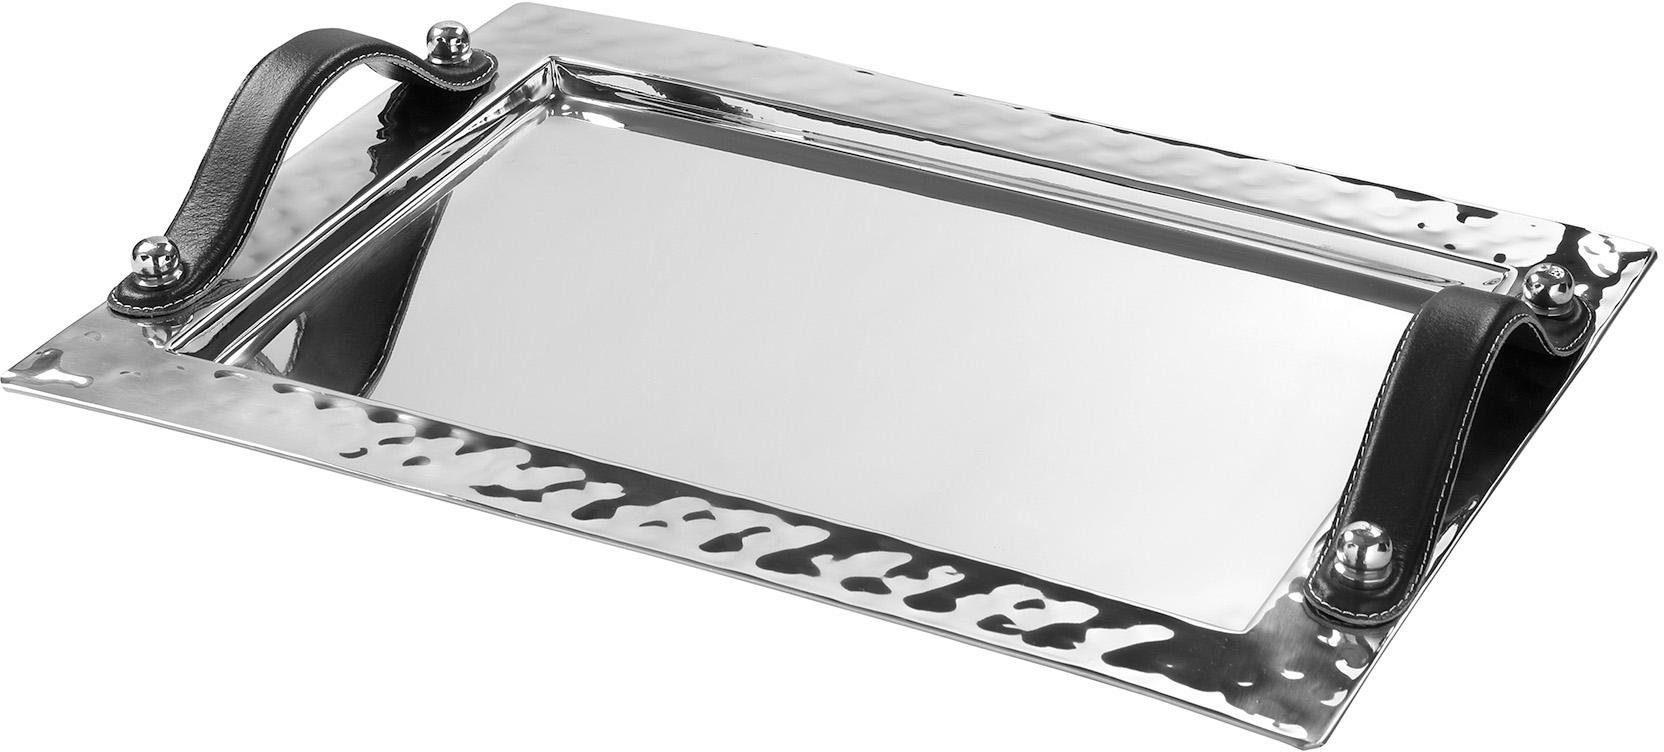 Fink Metall-Tablett mit Ledergriffen »PIATTO«